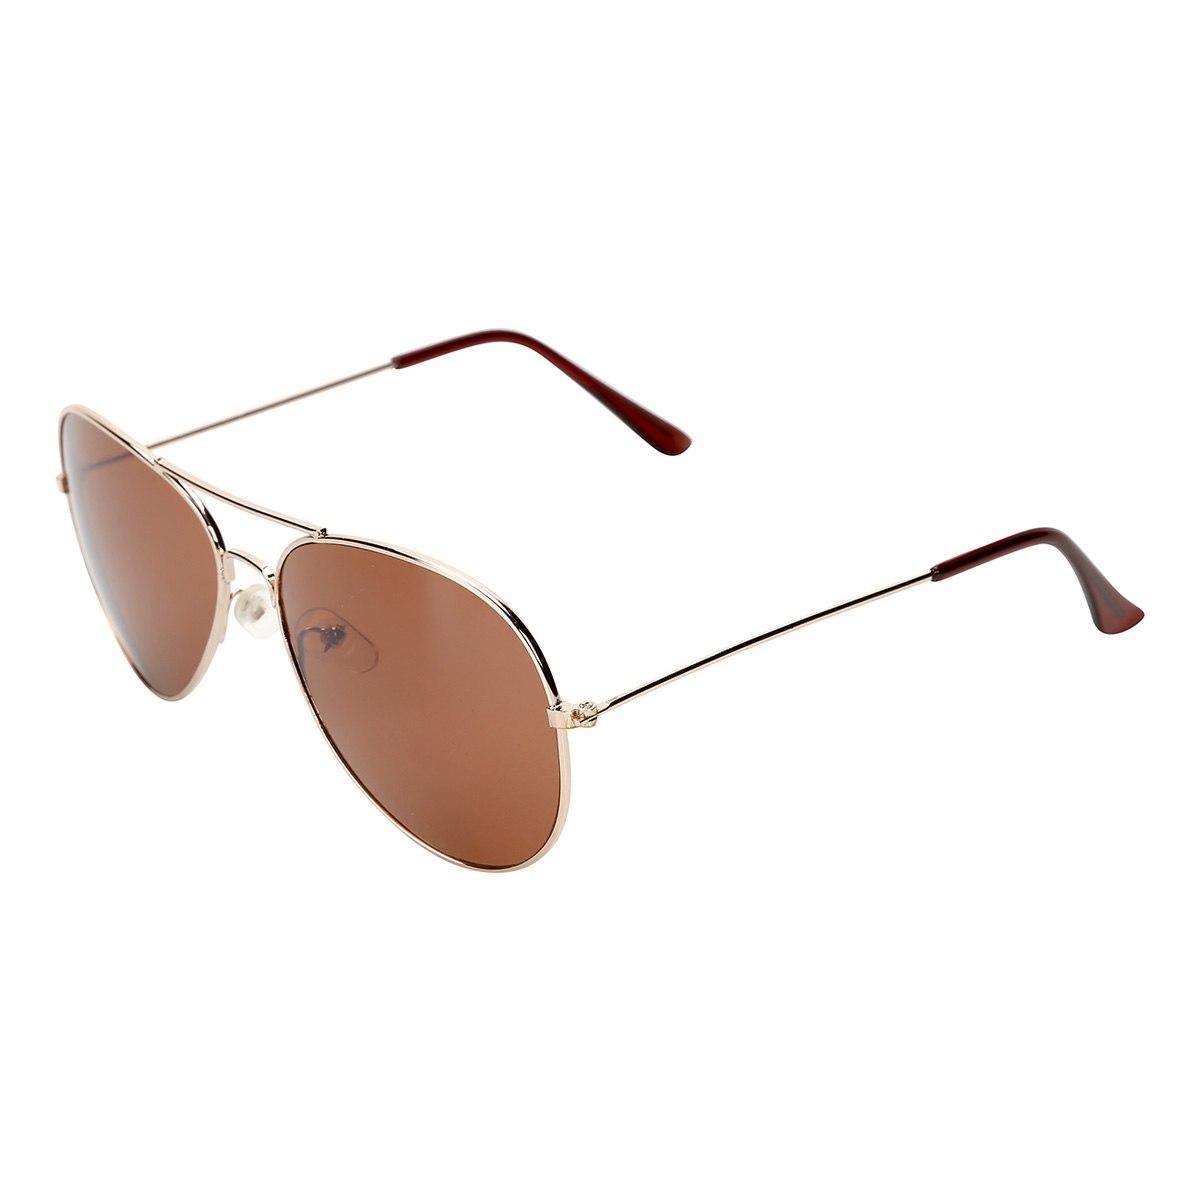 I35 0390 138 zoom1 - Óculos de Sol Moto GP Pro Special Edition 06 - R$ 69,90